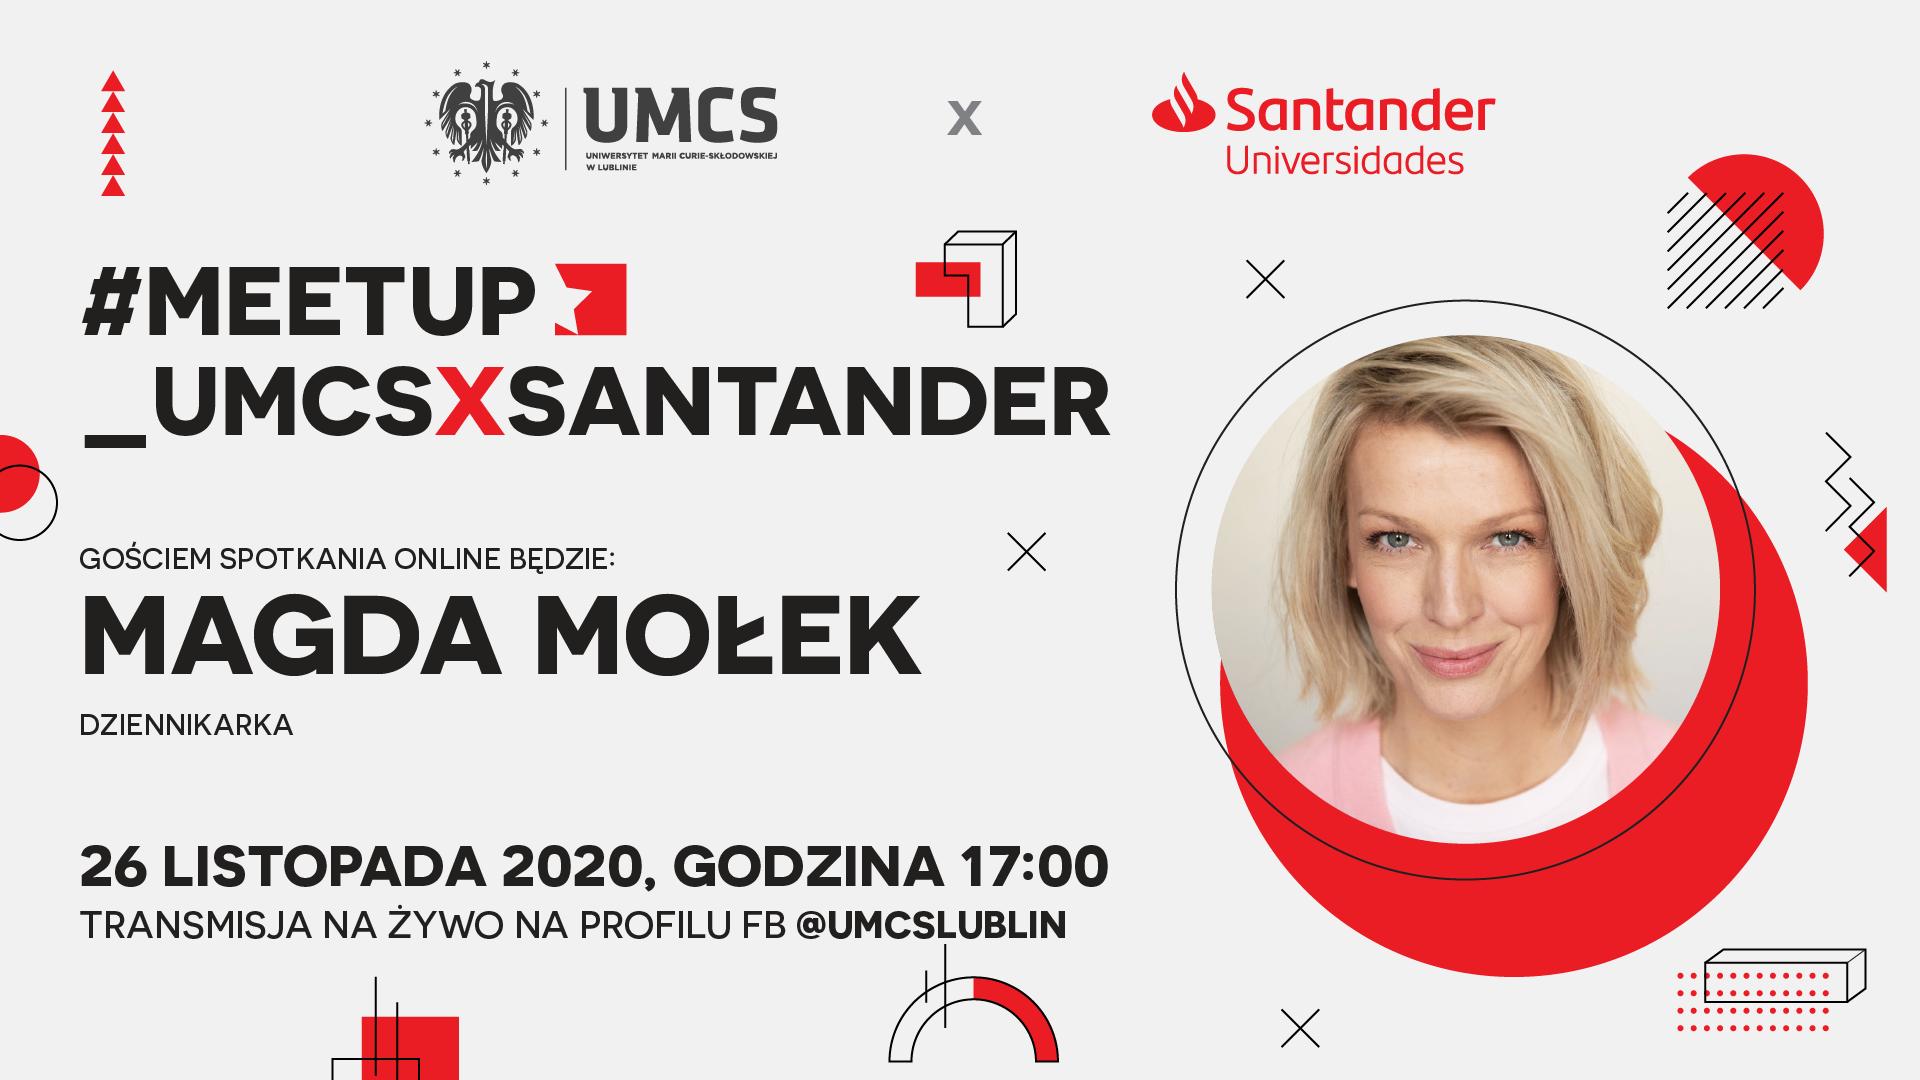 Magda Mołek - prezenterka telewizyjna gościem jutrzejszego spotkania UMCS w Lublinie - Zdjęcie główne